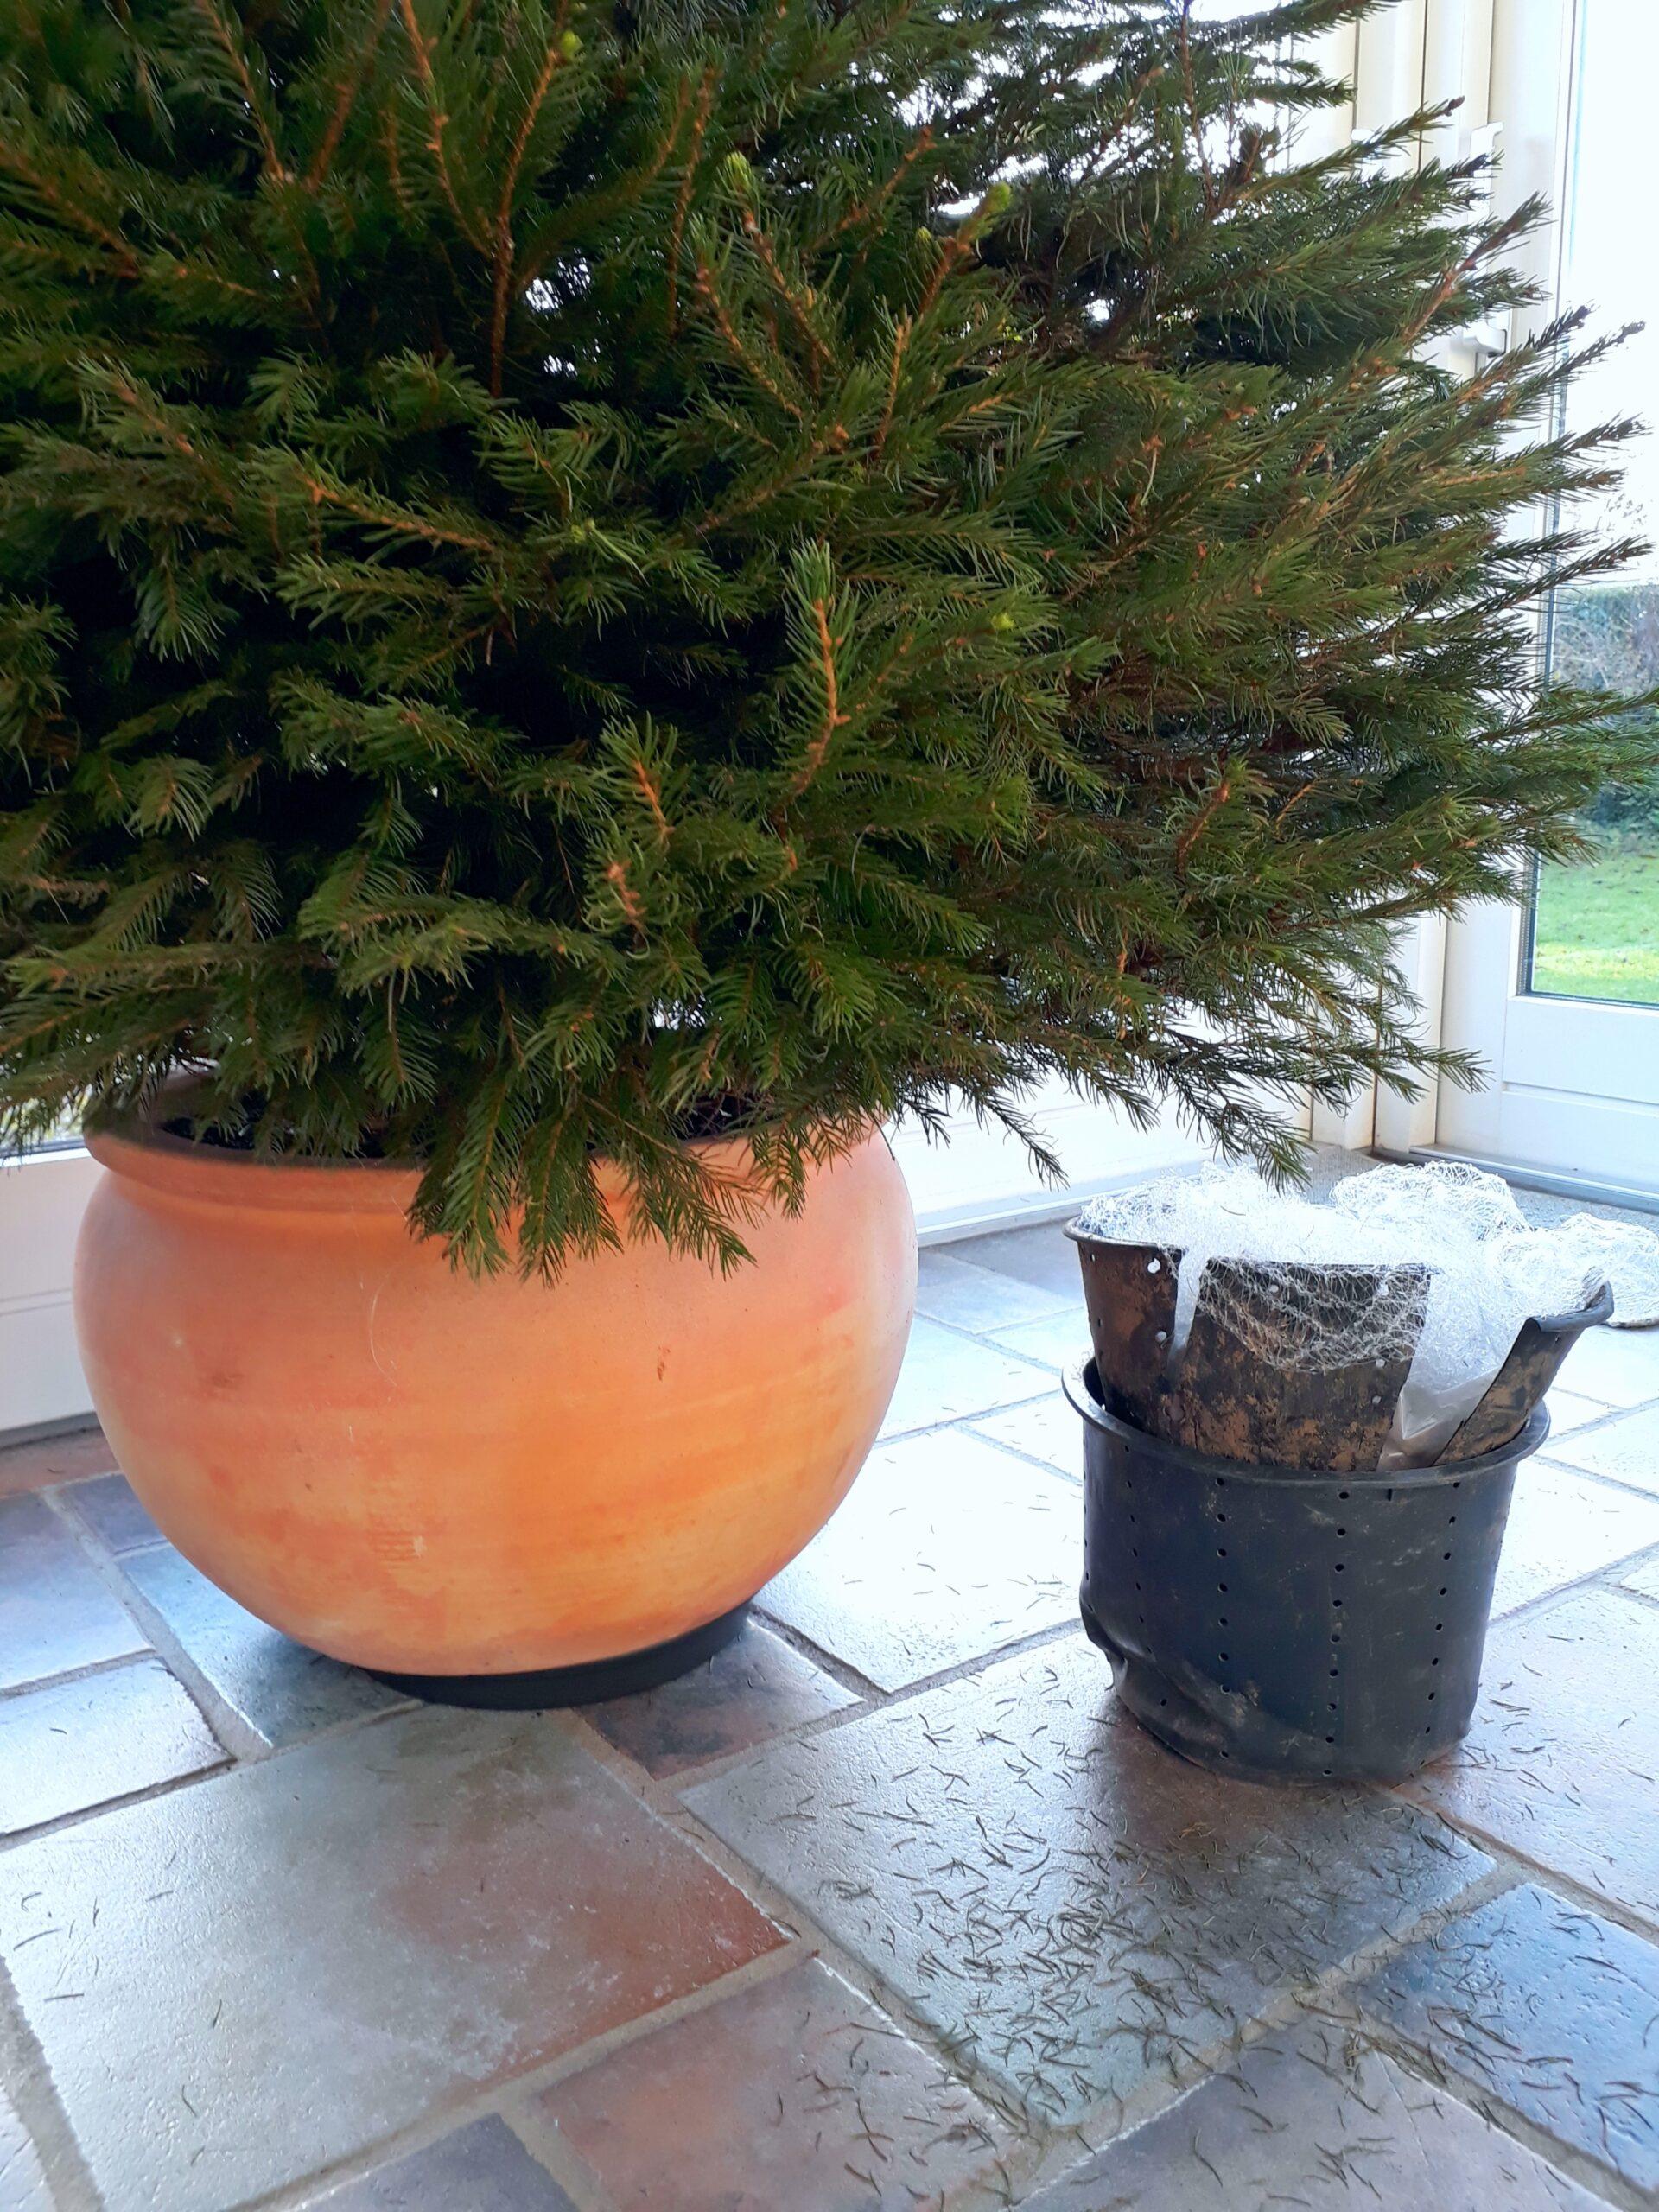 Fordele og ulemper ved et juletræ i potte